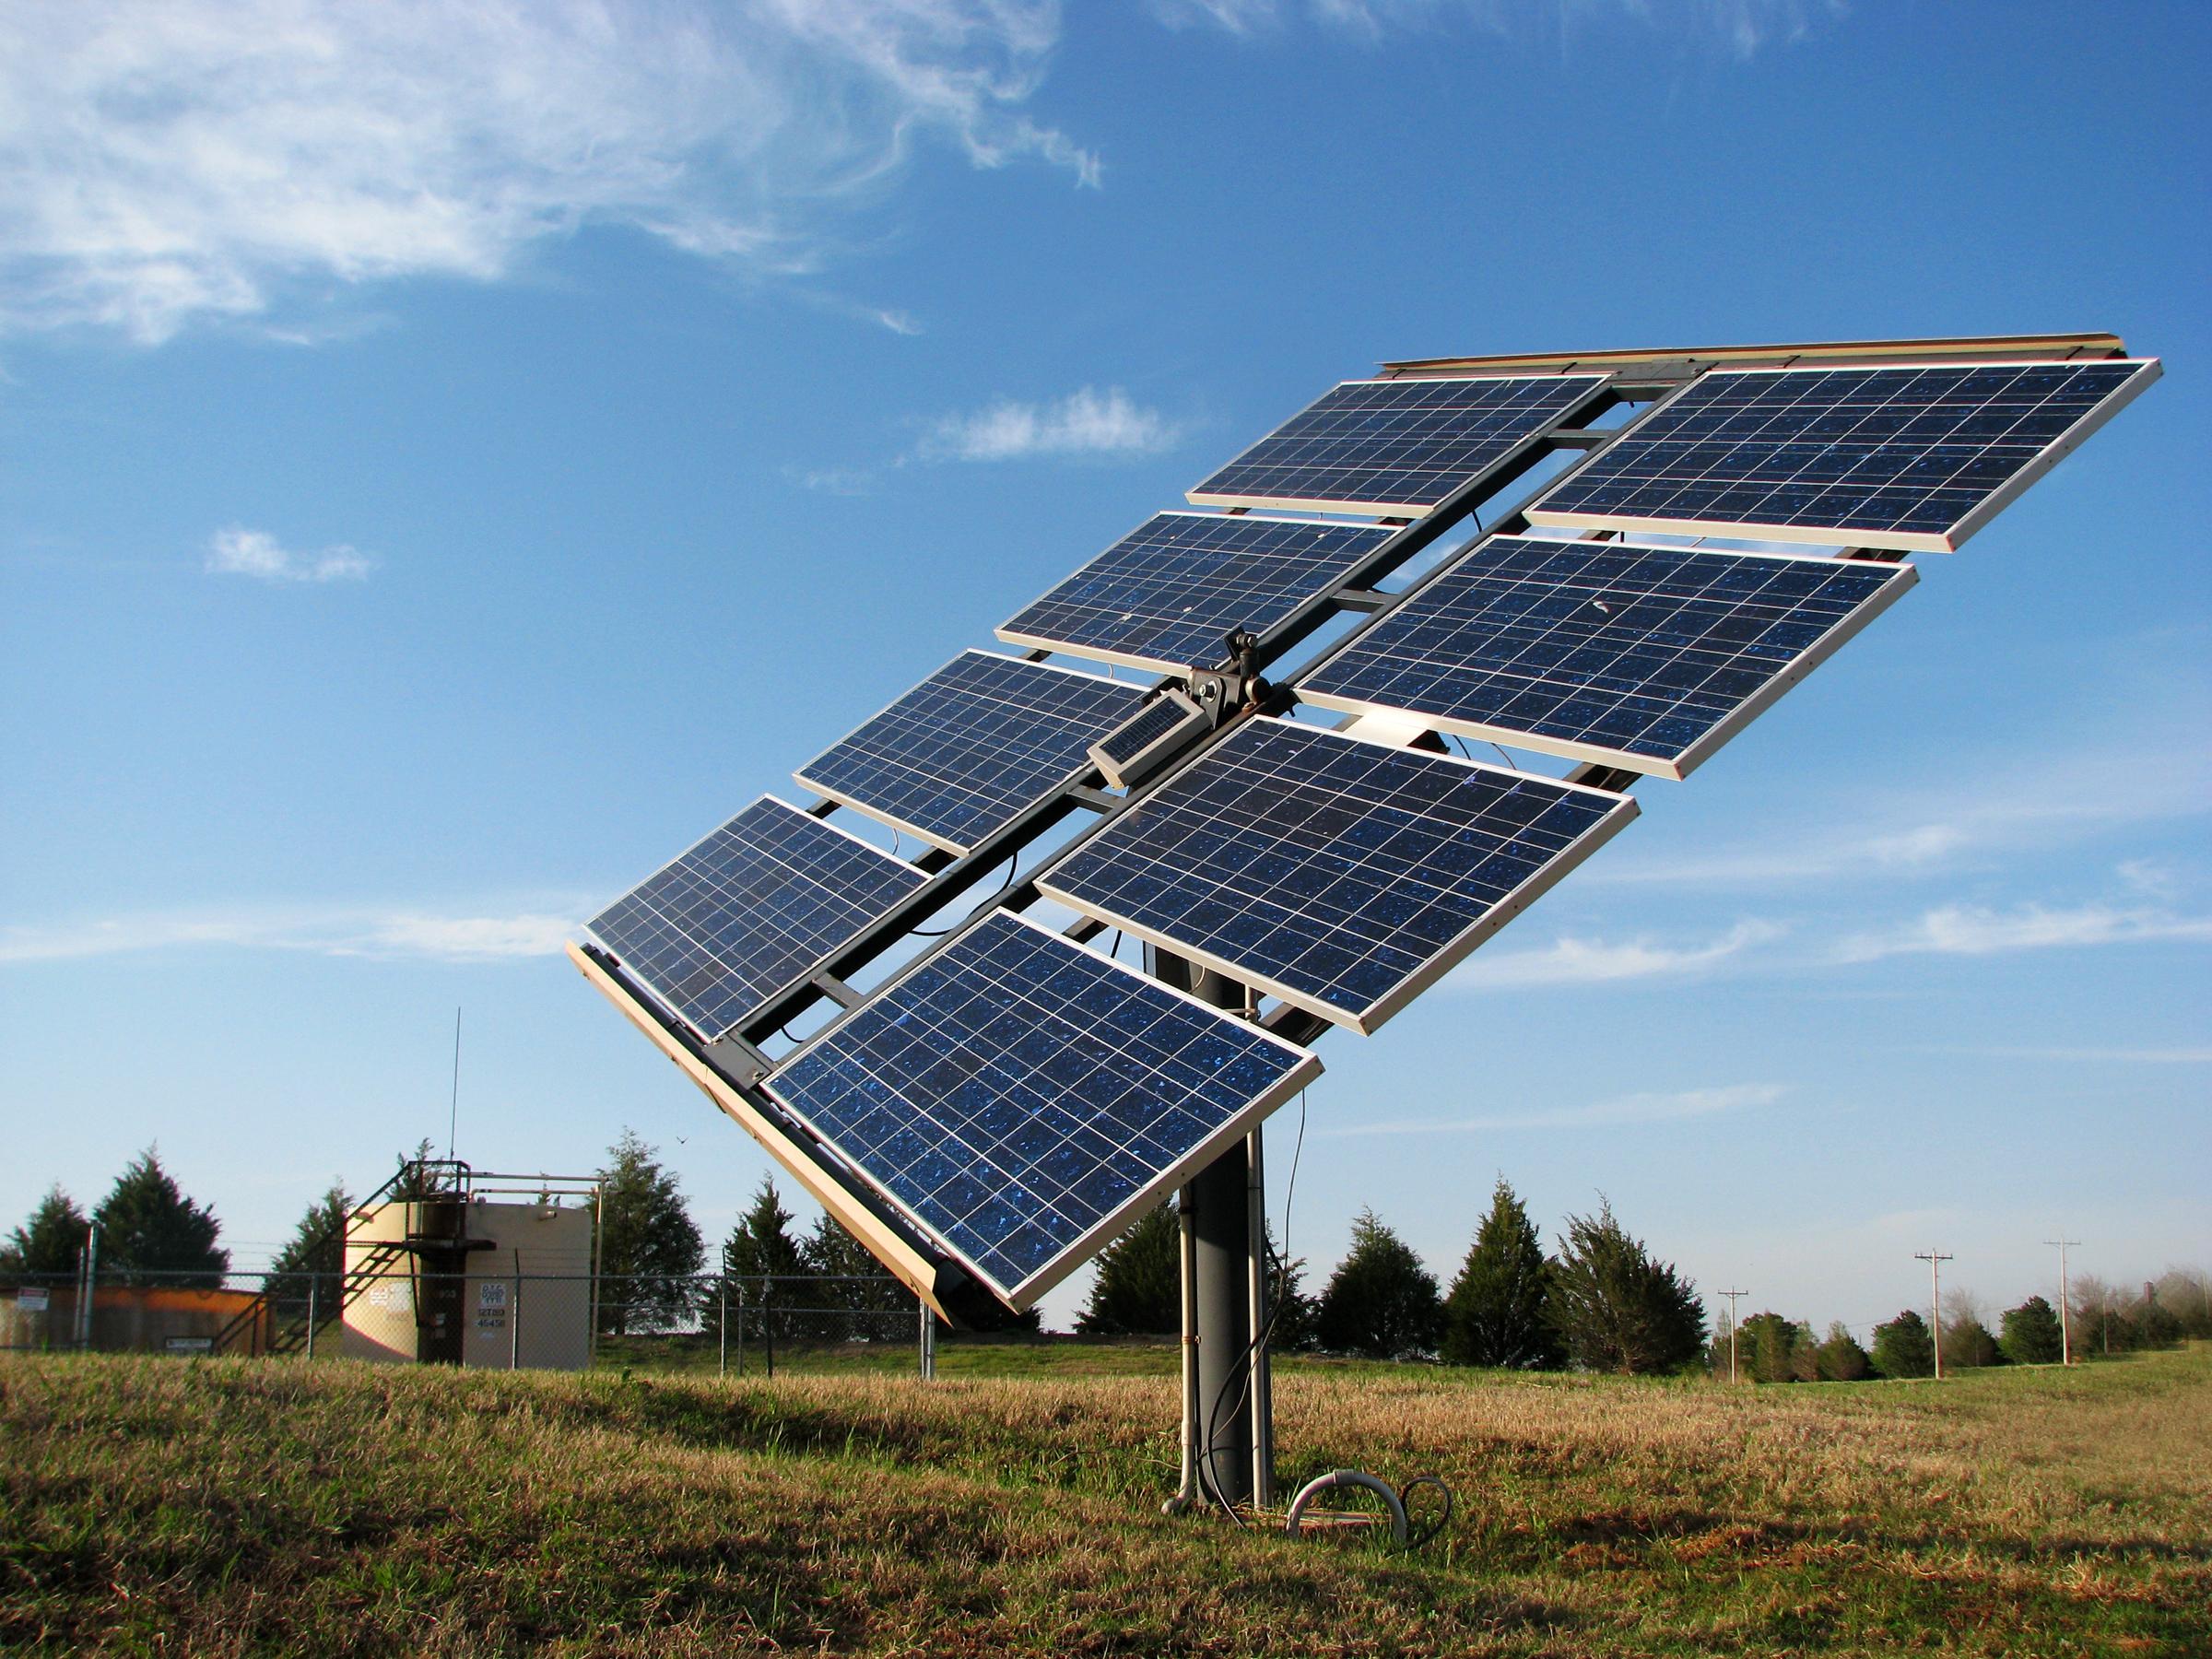 sxc - solar panel in field